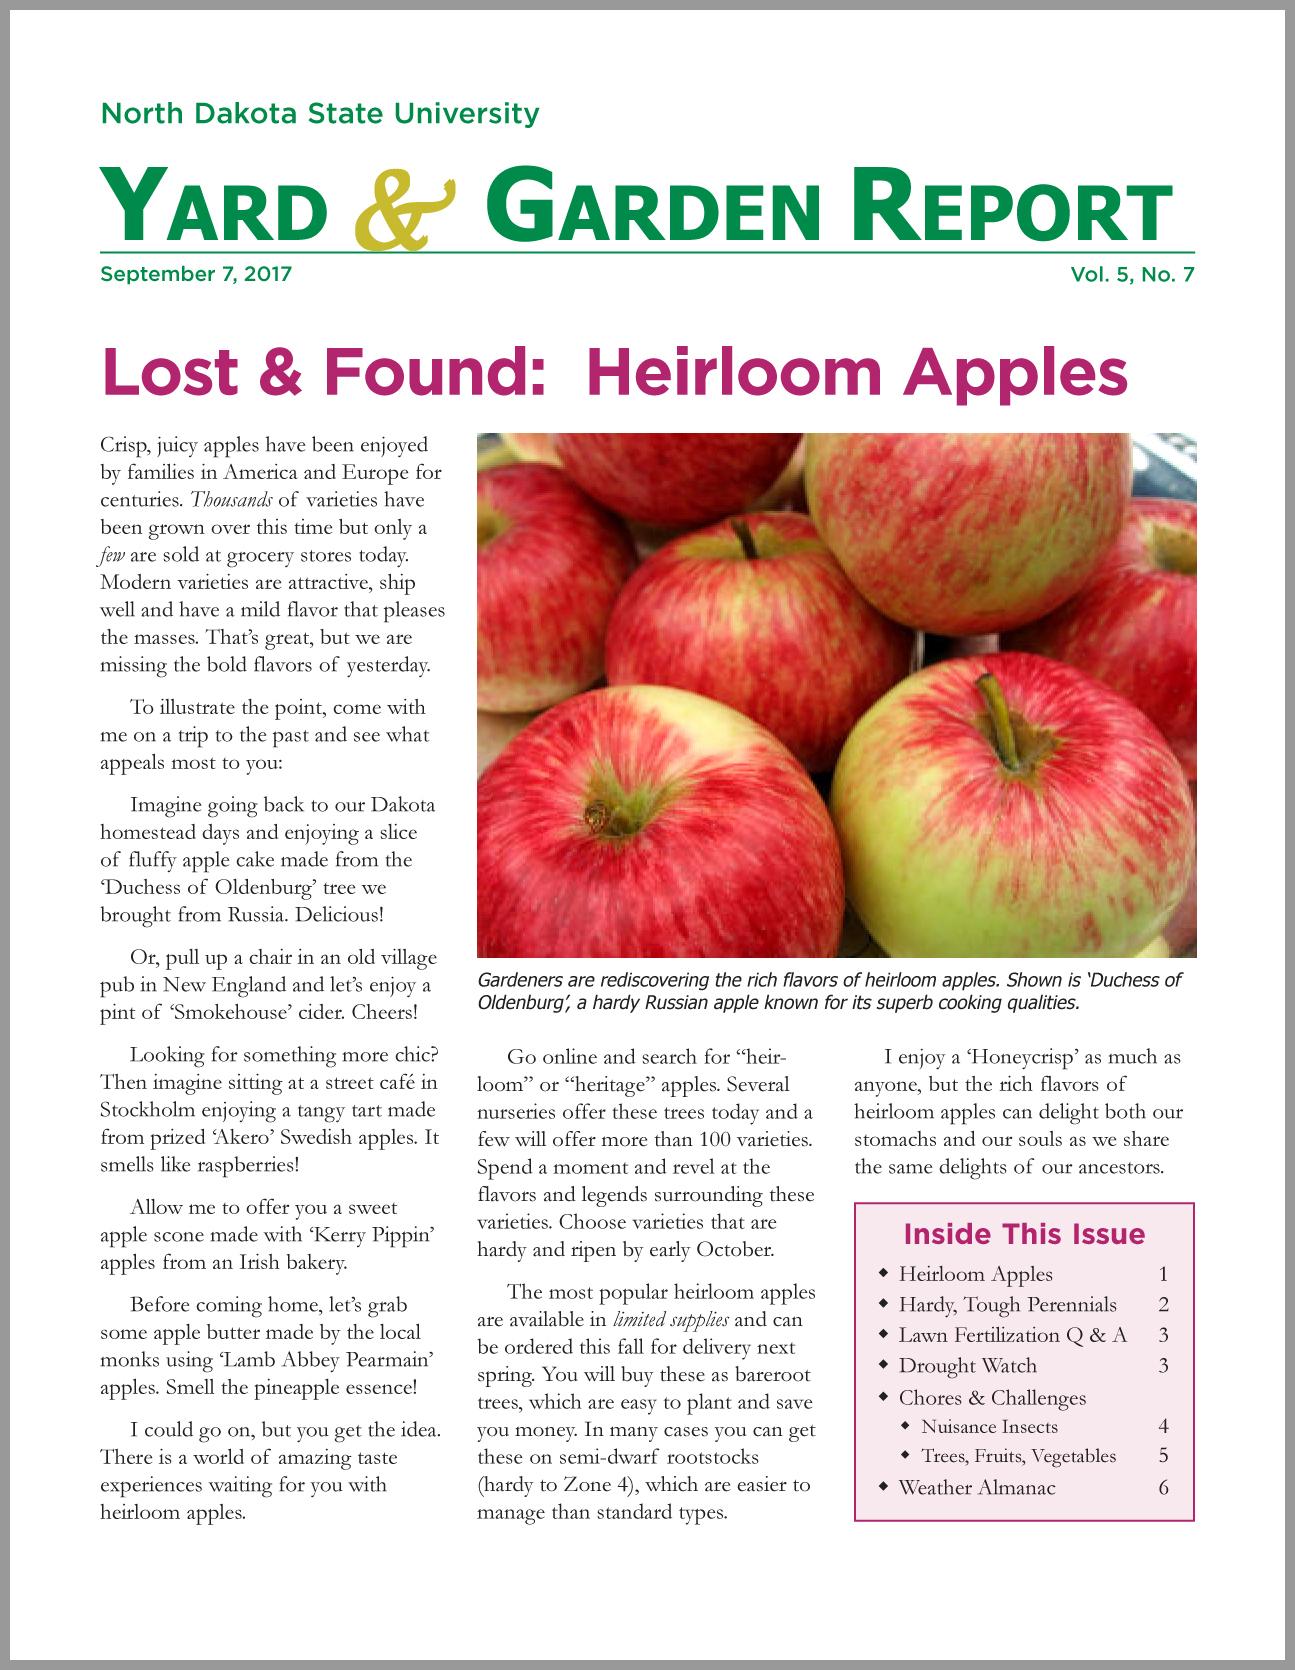 NDSU Yard & Garden Report for September 7, 2017